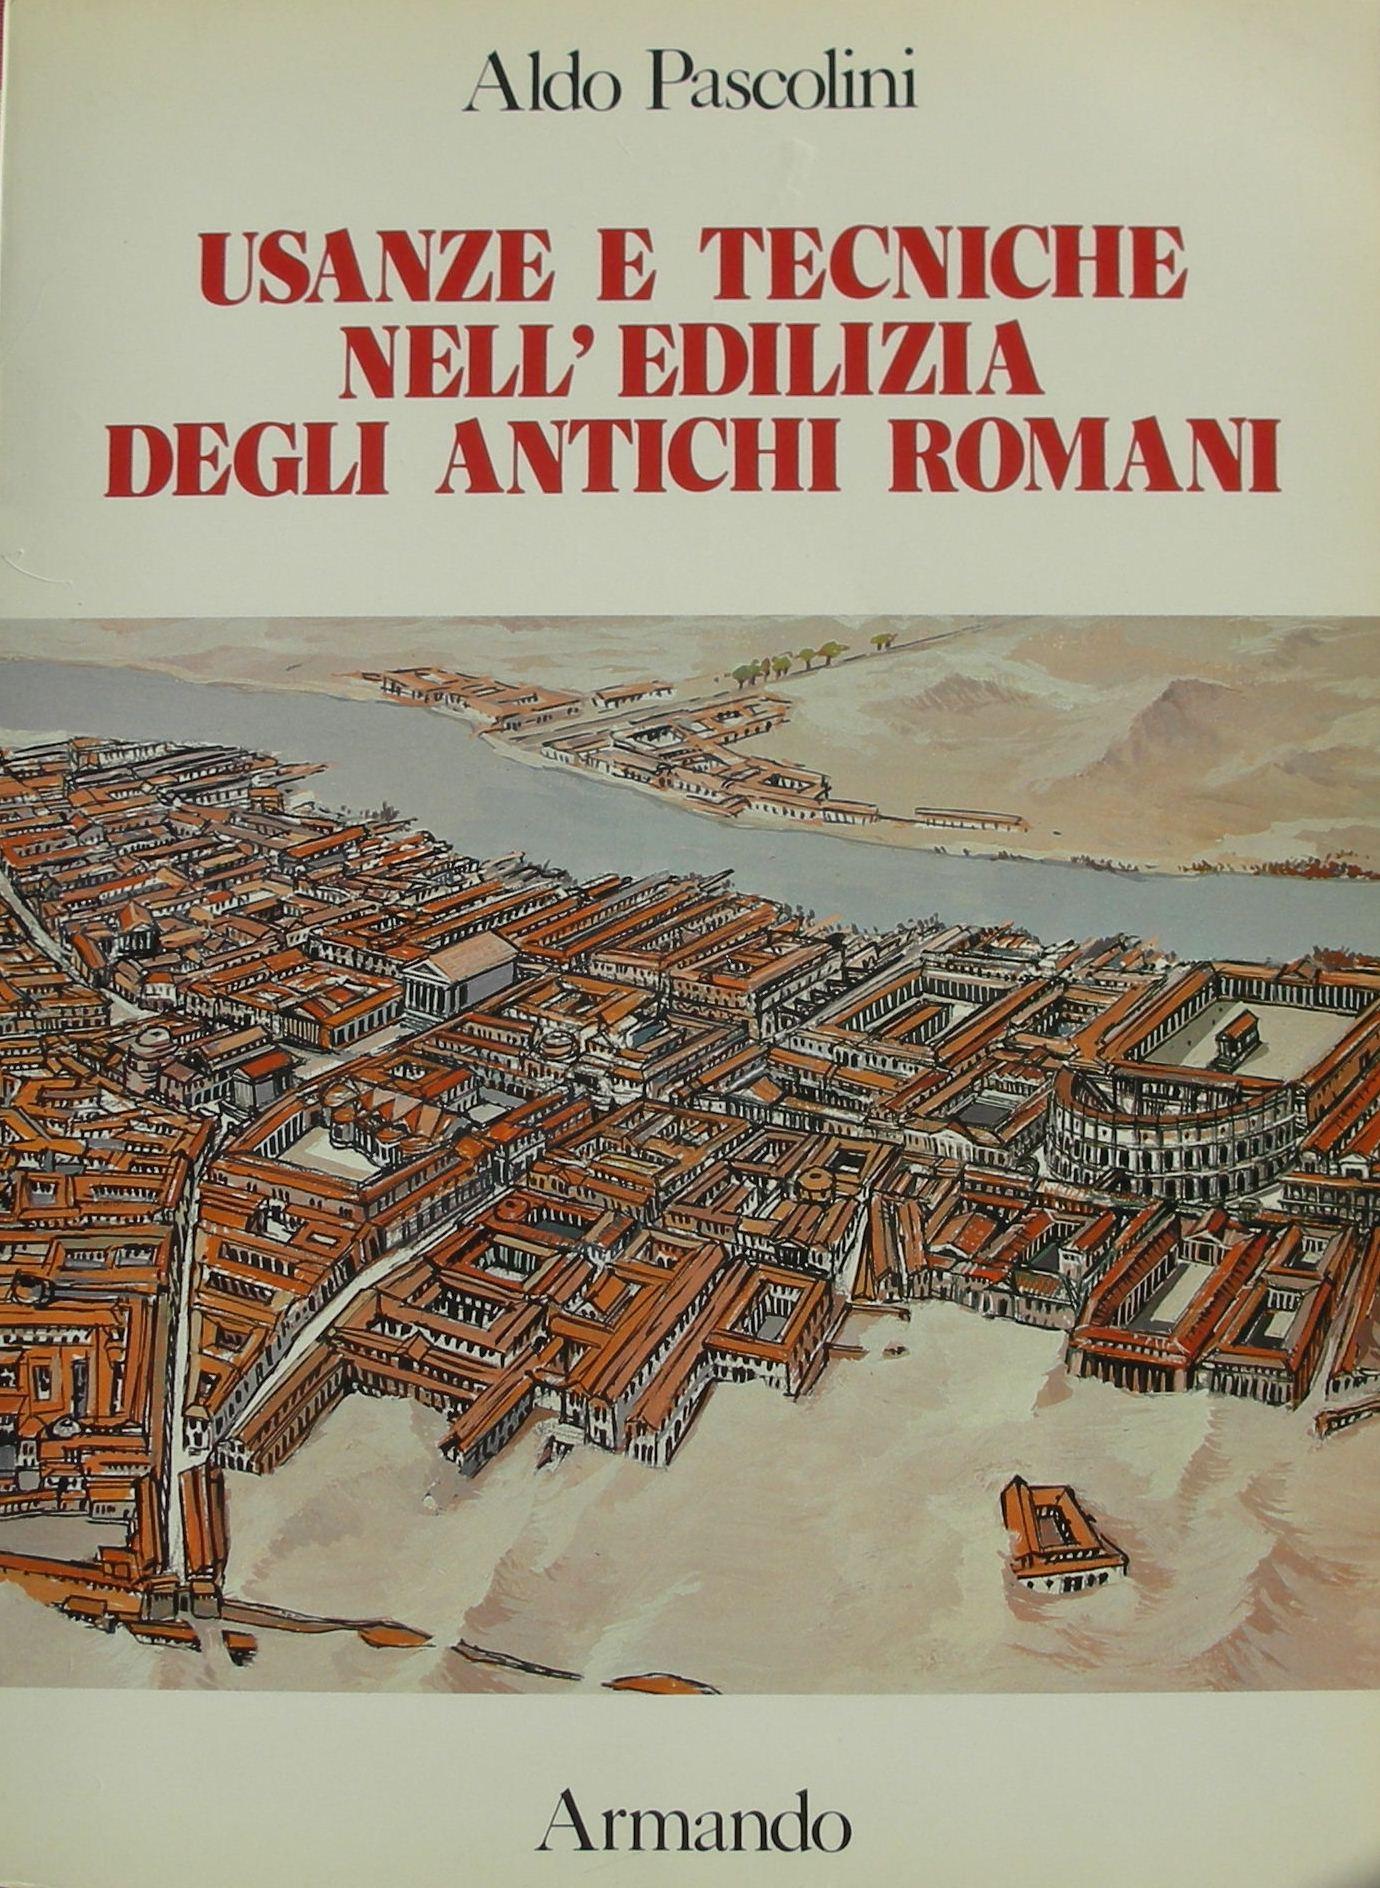 Usanze e tecniche nell'edilizia degli antichi romani